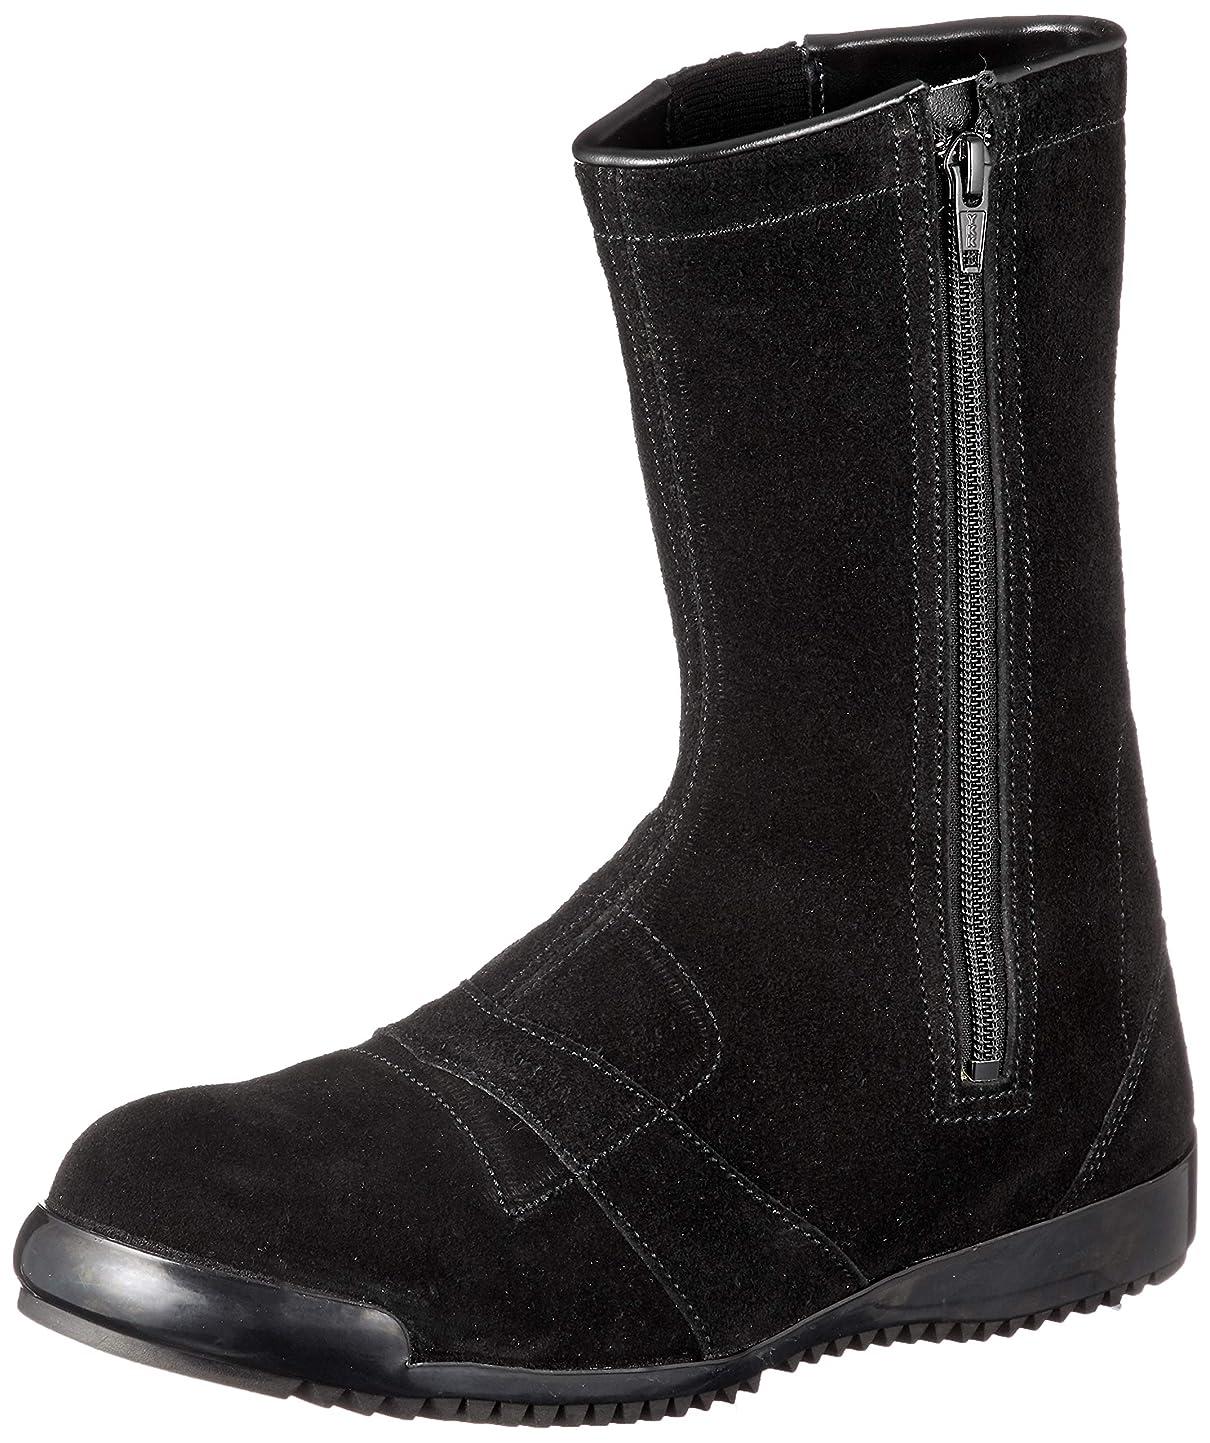 メロン連続したアンプ[シモン] 作業靴 安全靴半長靴 高所 通気性 JIS規格 チャック付半長靴安全靴 3055黒床